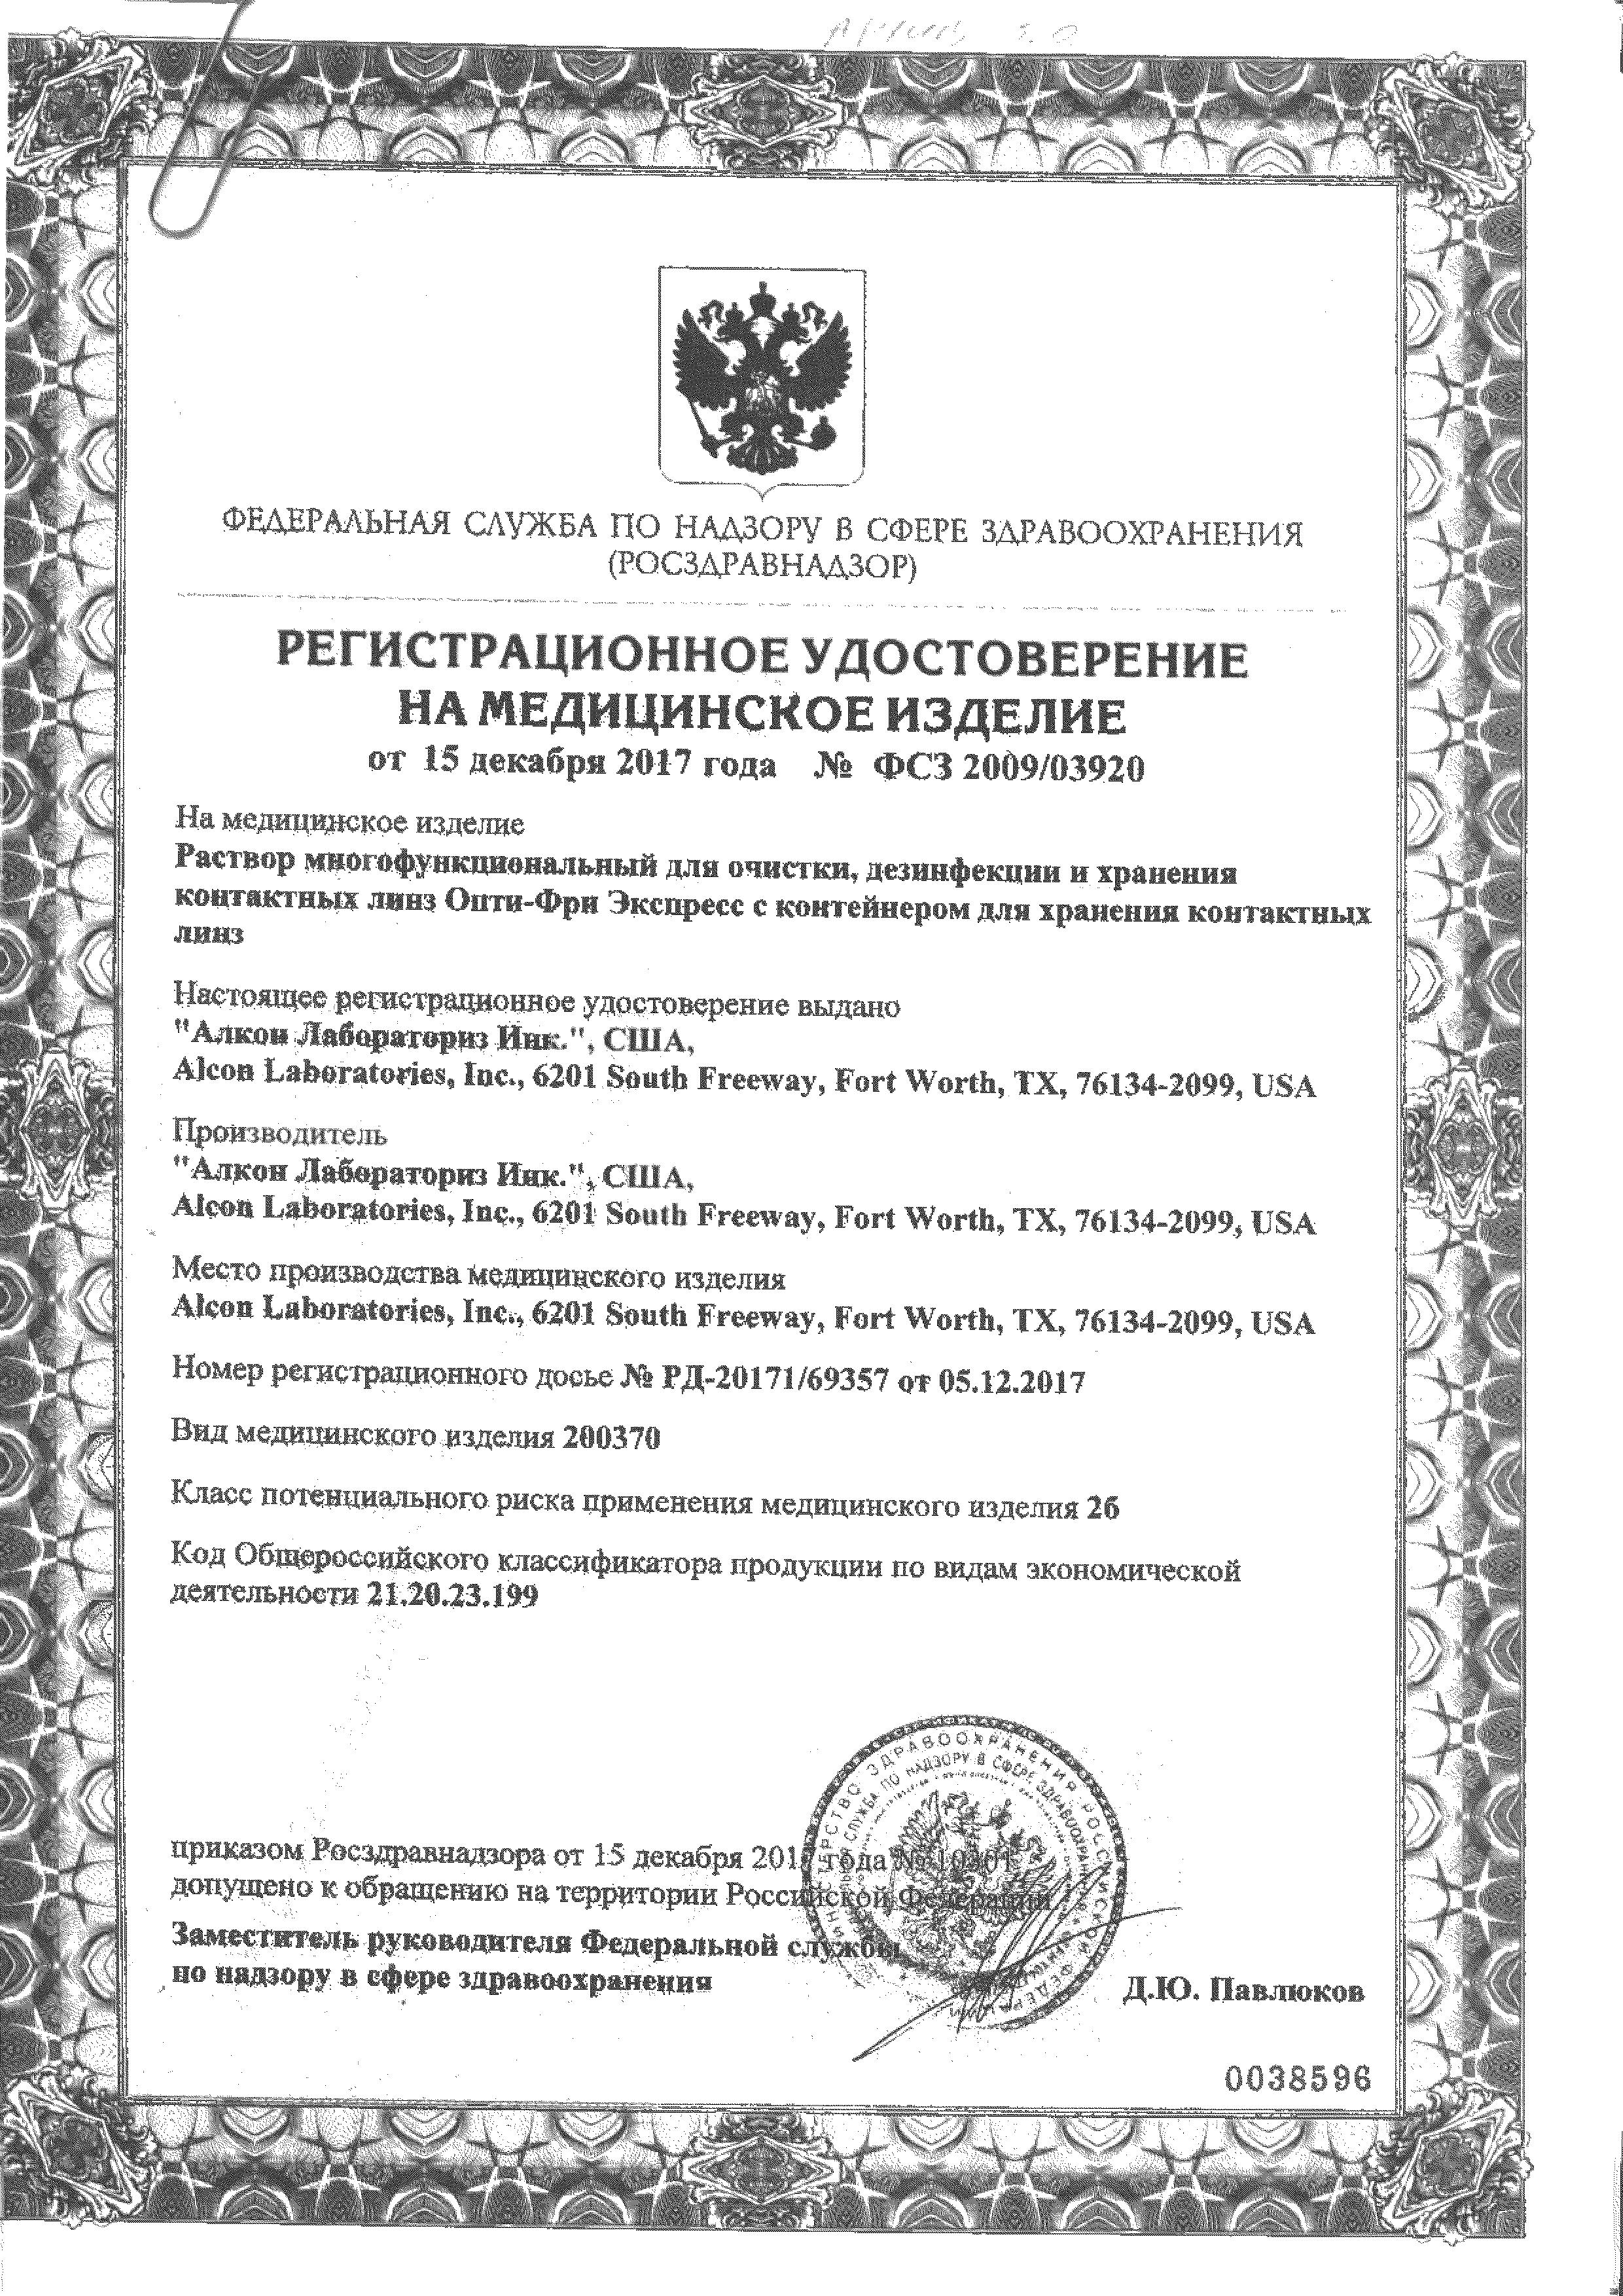 Опти-Фри Экспресс сертификат